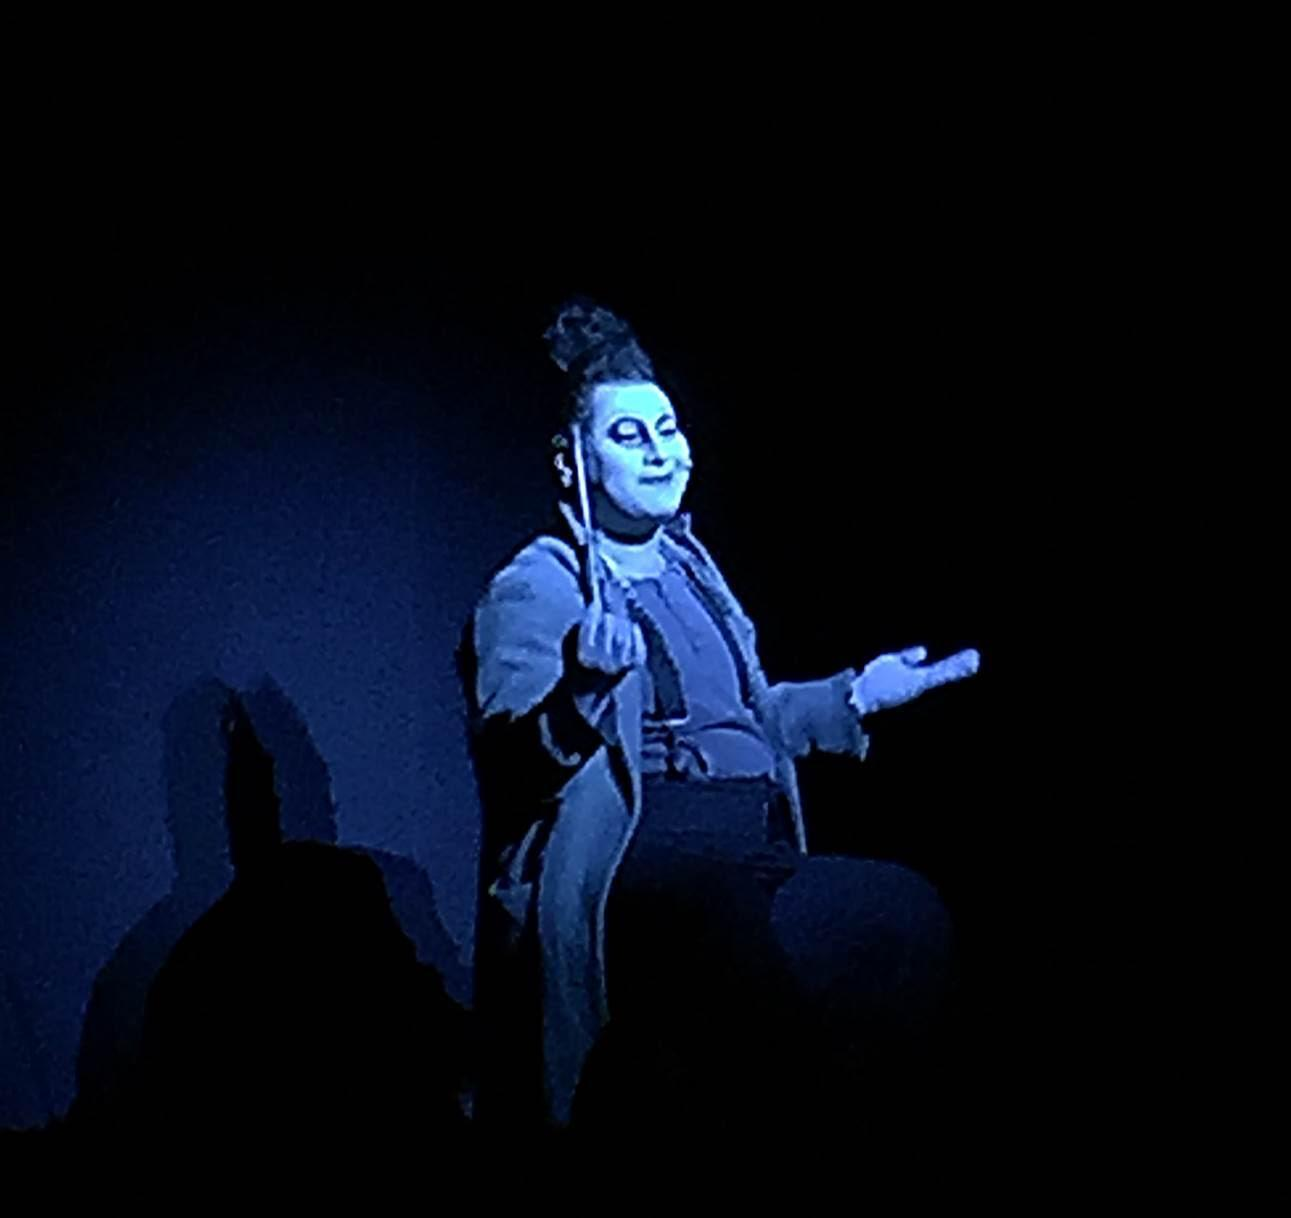 Bu güne kadar pek çok yazar ve müzisyenle işbirliği yapmış olan, Üç Kuruşluk Opera'nın yönetmeni Robert Wilson, oyunun aynı zamanda sahne ve ışık tasarımının da yaratıcısıydı. Her bir sahne, şahane bir tablo gibiydi. Pek çok ödülü ve nişanı olan Wilson'ın diğer ilgi alanları ise resim ve heykel sanatı. Wilson'un tüm işleri dansı, hareketi, ışığı, metni, tasarımı birbiri içine geçirerek bir bütün oluşturur, deniyor. Fotoğraf: Füsun Kavrakoğlu